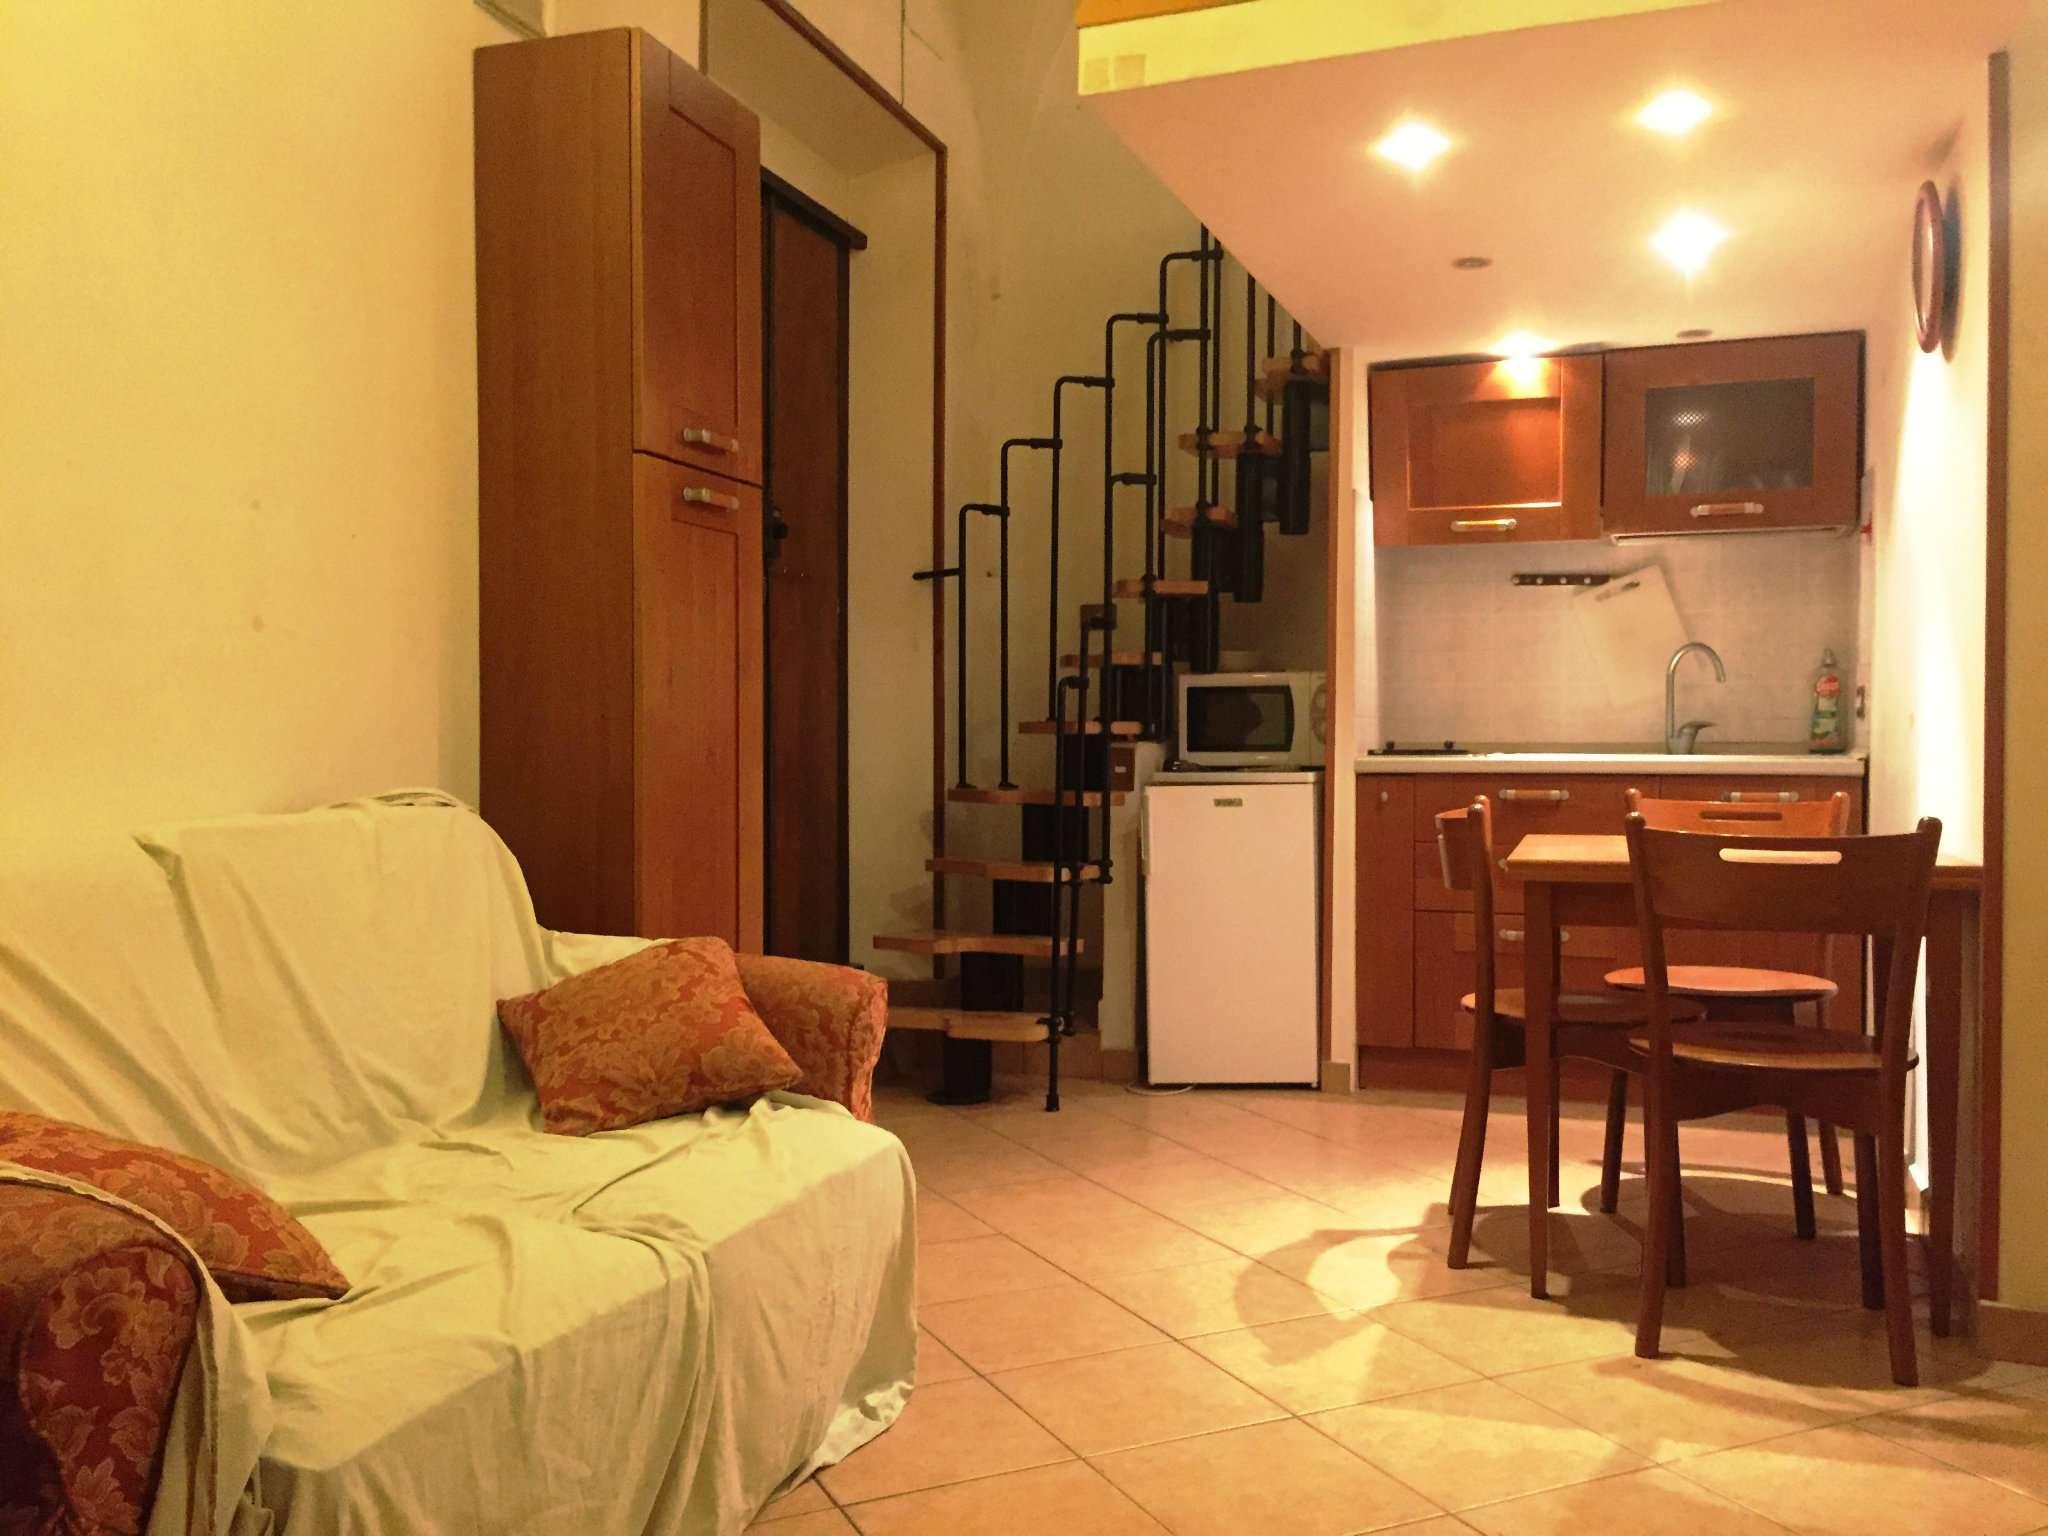 Appartamento in vendita a Roma, 2 locali, zona Zona: 1 . Centro storico, prezzo € 250.000 | CambioCasa.it